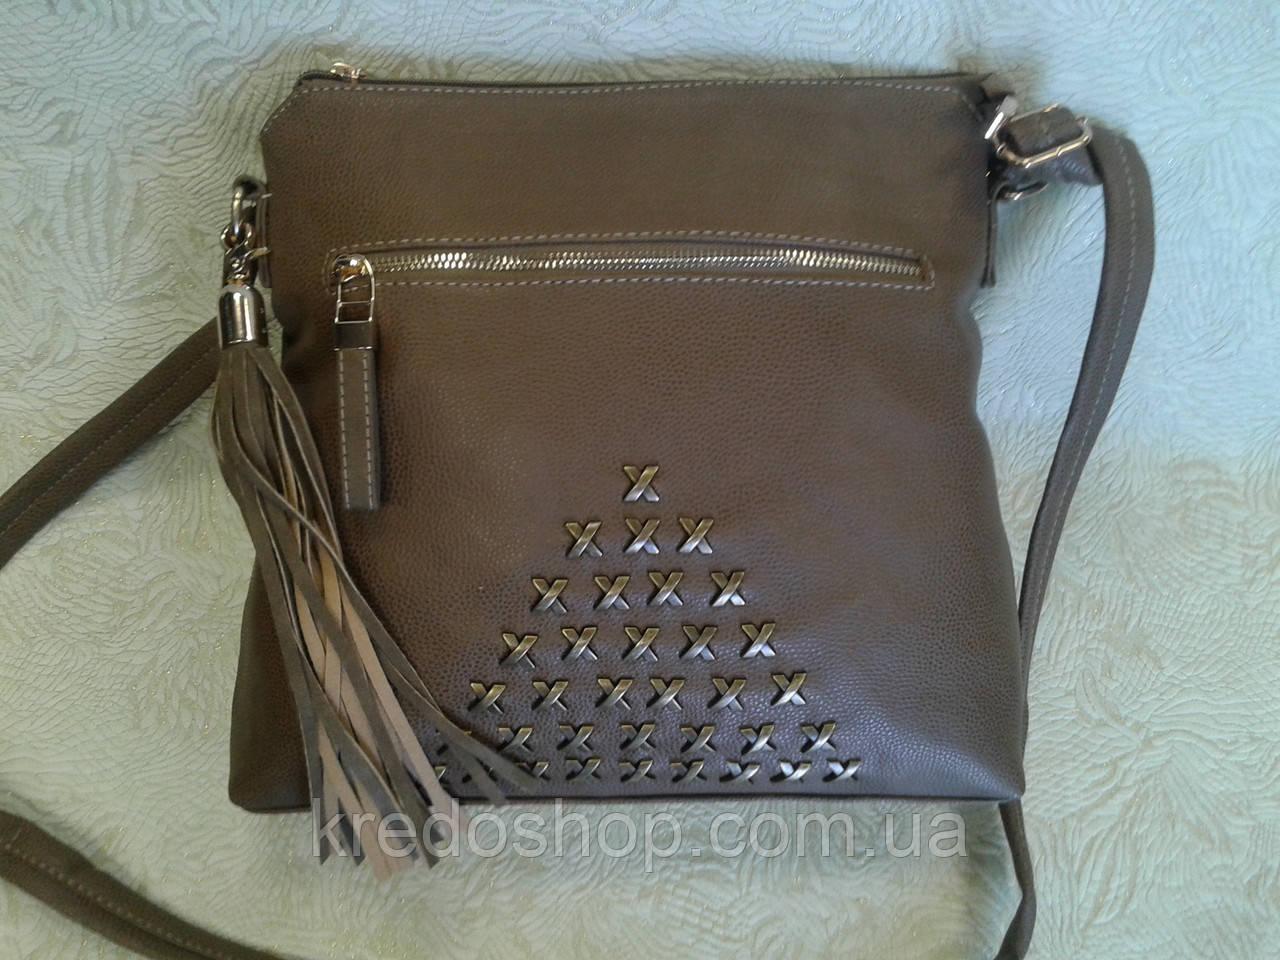 5b4f1eada27c Сумка клатч серо-коричневый стильный молодежный (Турция) - Интернет-магазин  сумок и